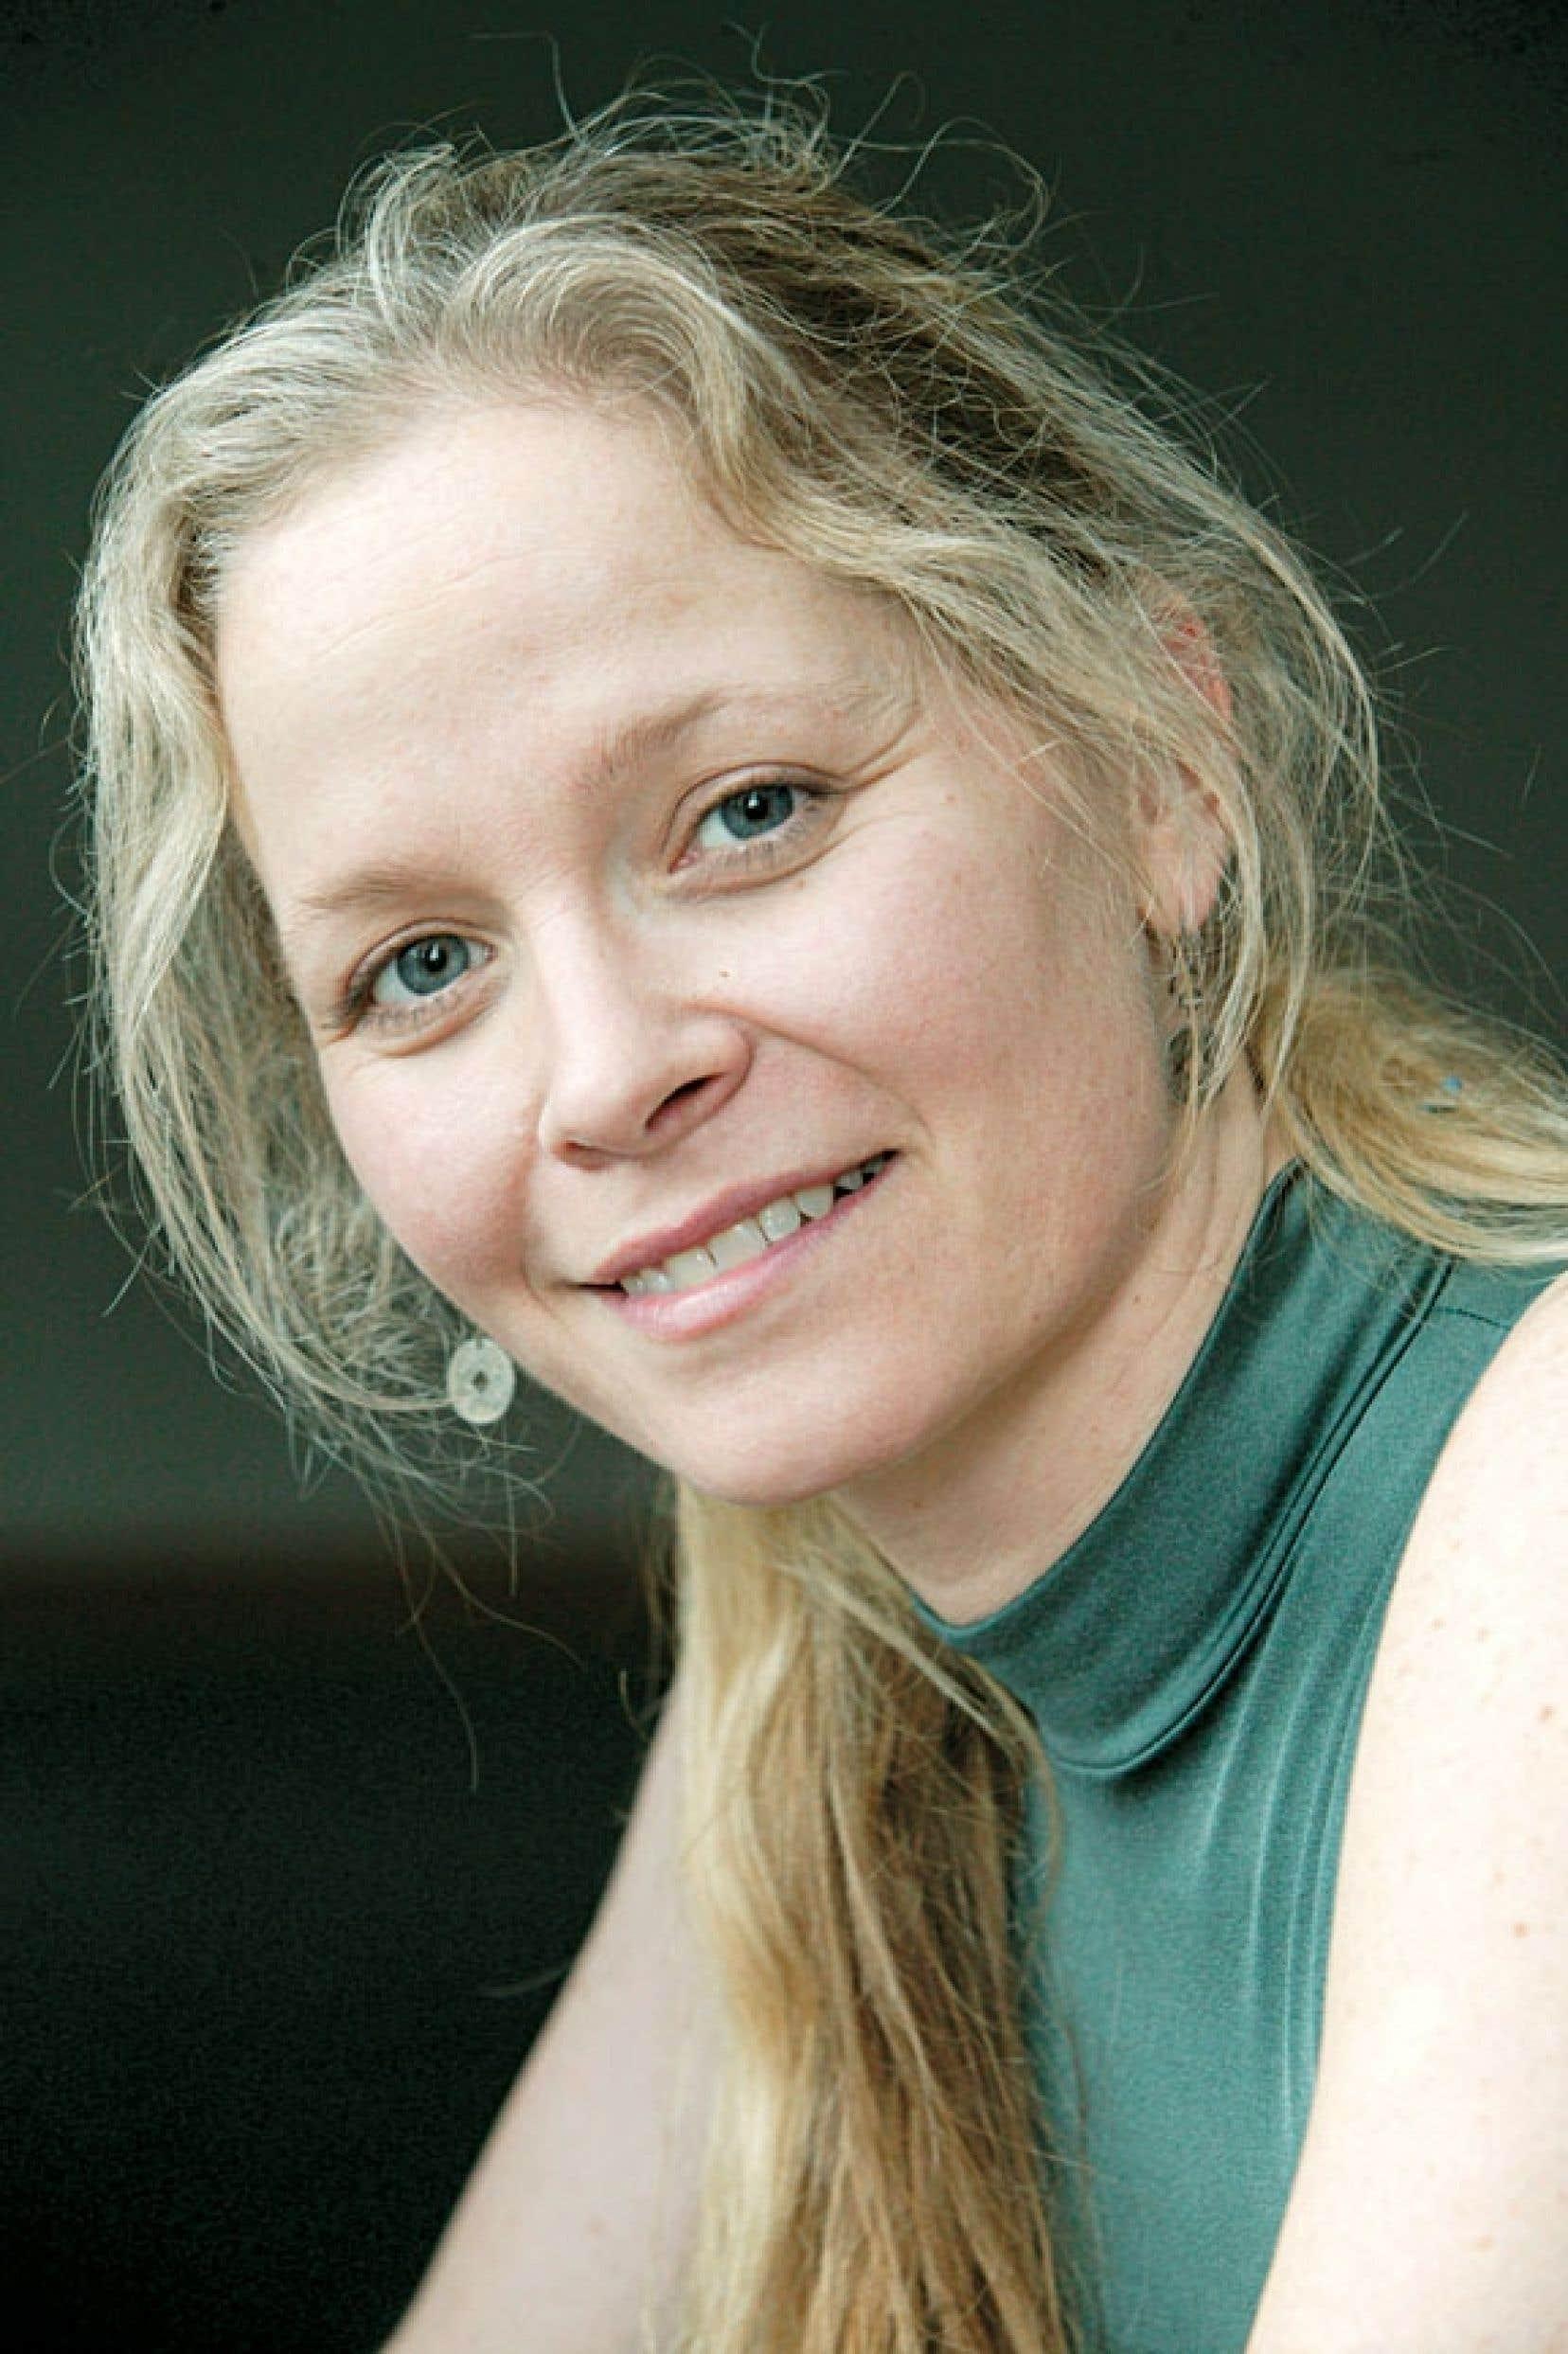 La danseuse Nathalie Buisson en 2006, alors qu'elle monte Cœur en tête, un spectacle-bénéfice dédié à la recherche dans le domaine sous-financé de la neuro-oncologie.